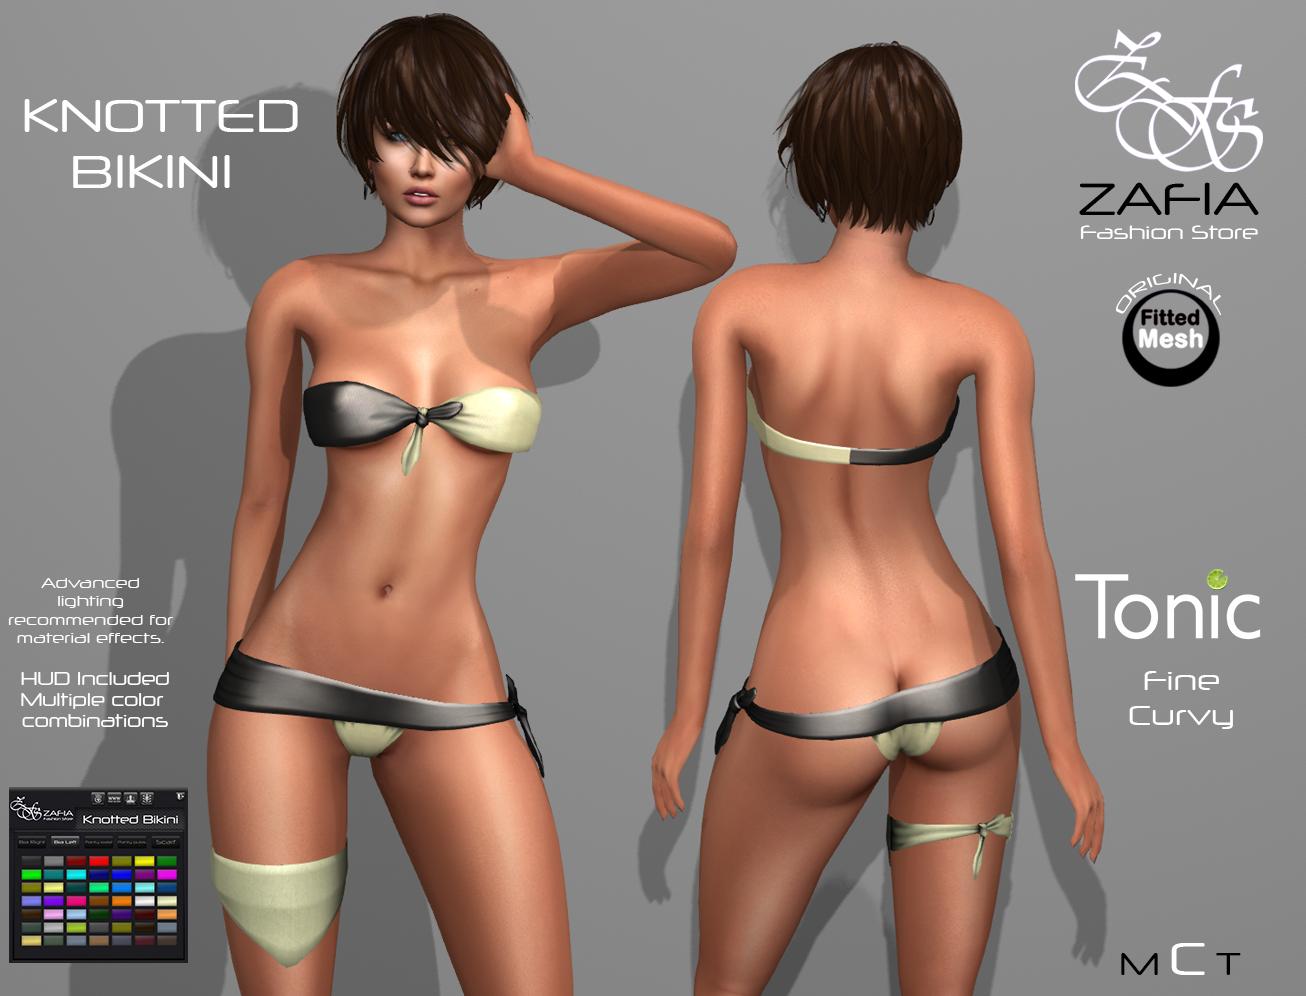 Knotted Bikini Tonic